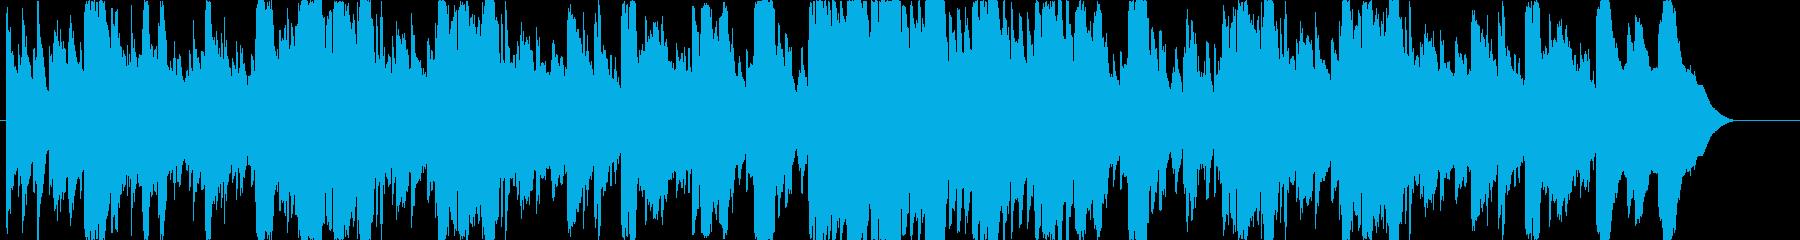 美しくも切ないピアノ曲 映画 ゲームの再生済みの波形